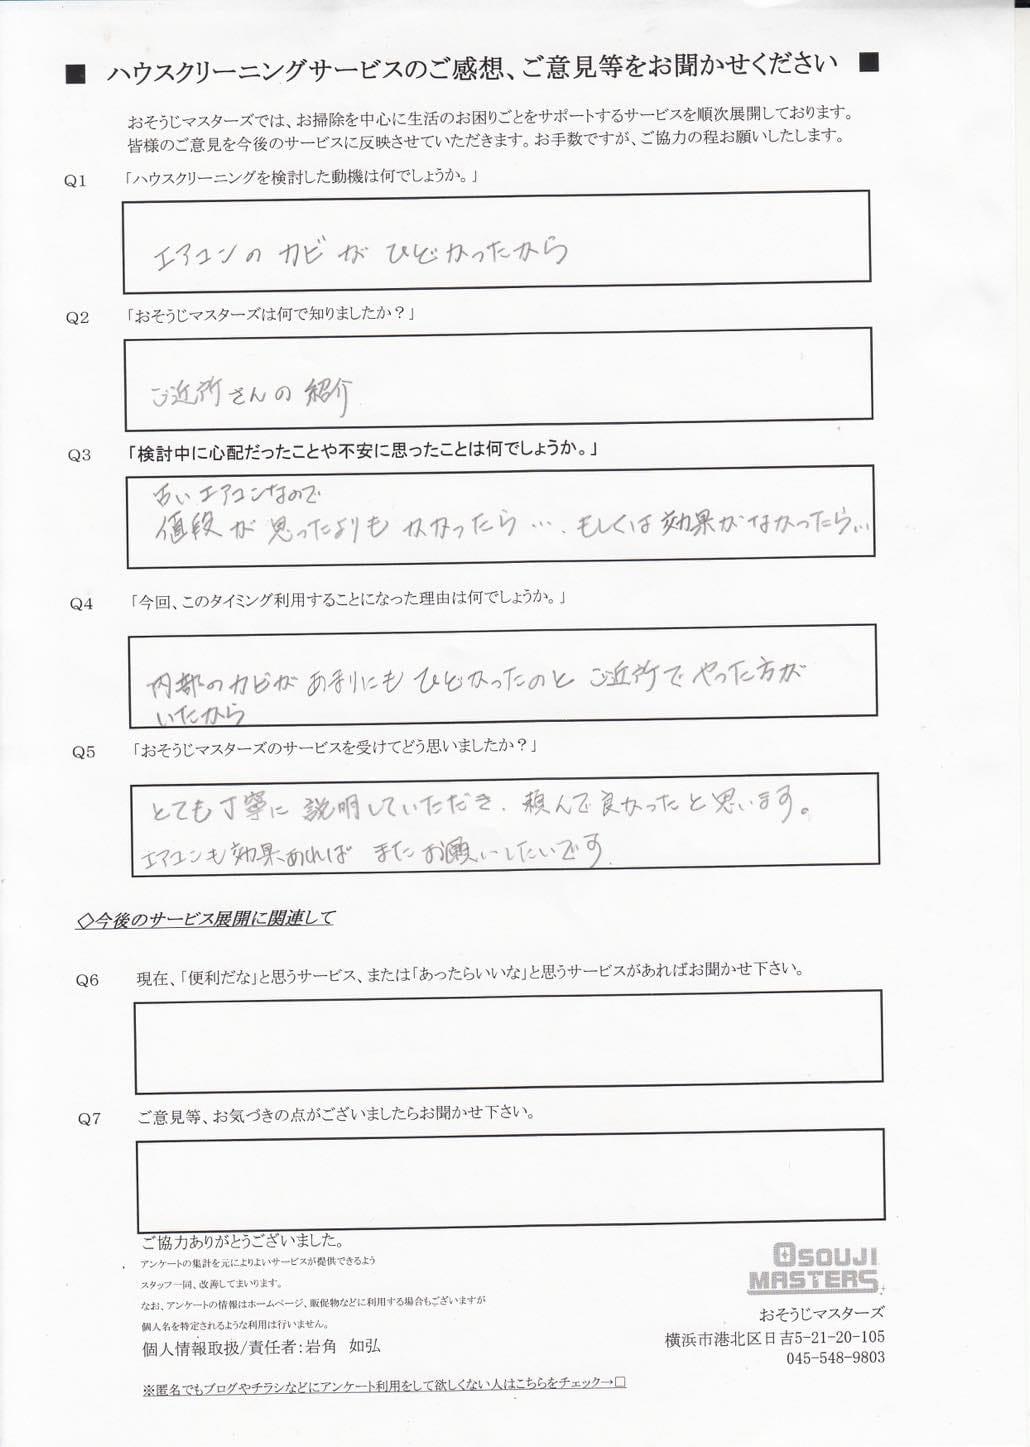 2015/07/17 エアコンクリーニング 【横浜市緑区】